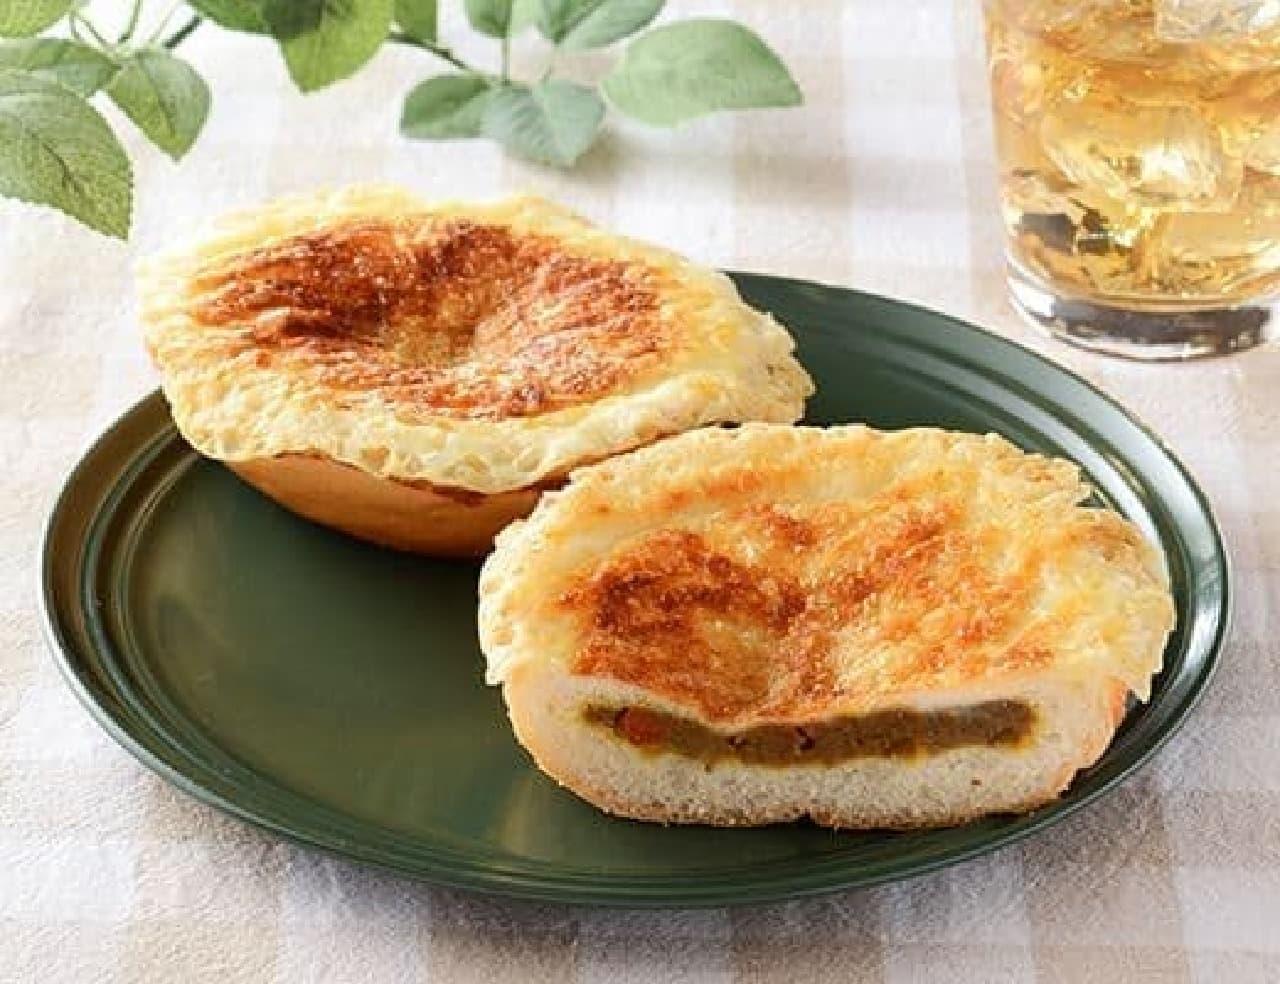 ローソン「羽根つきチーズの焼カレーパン」